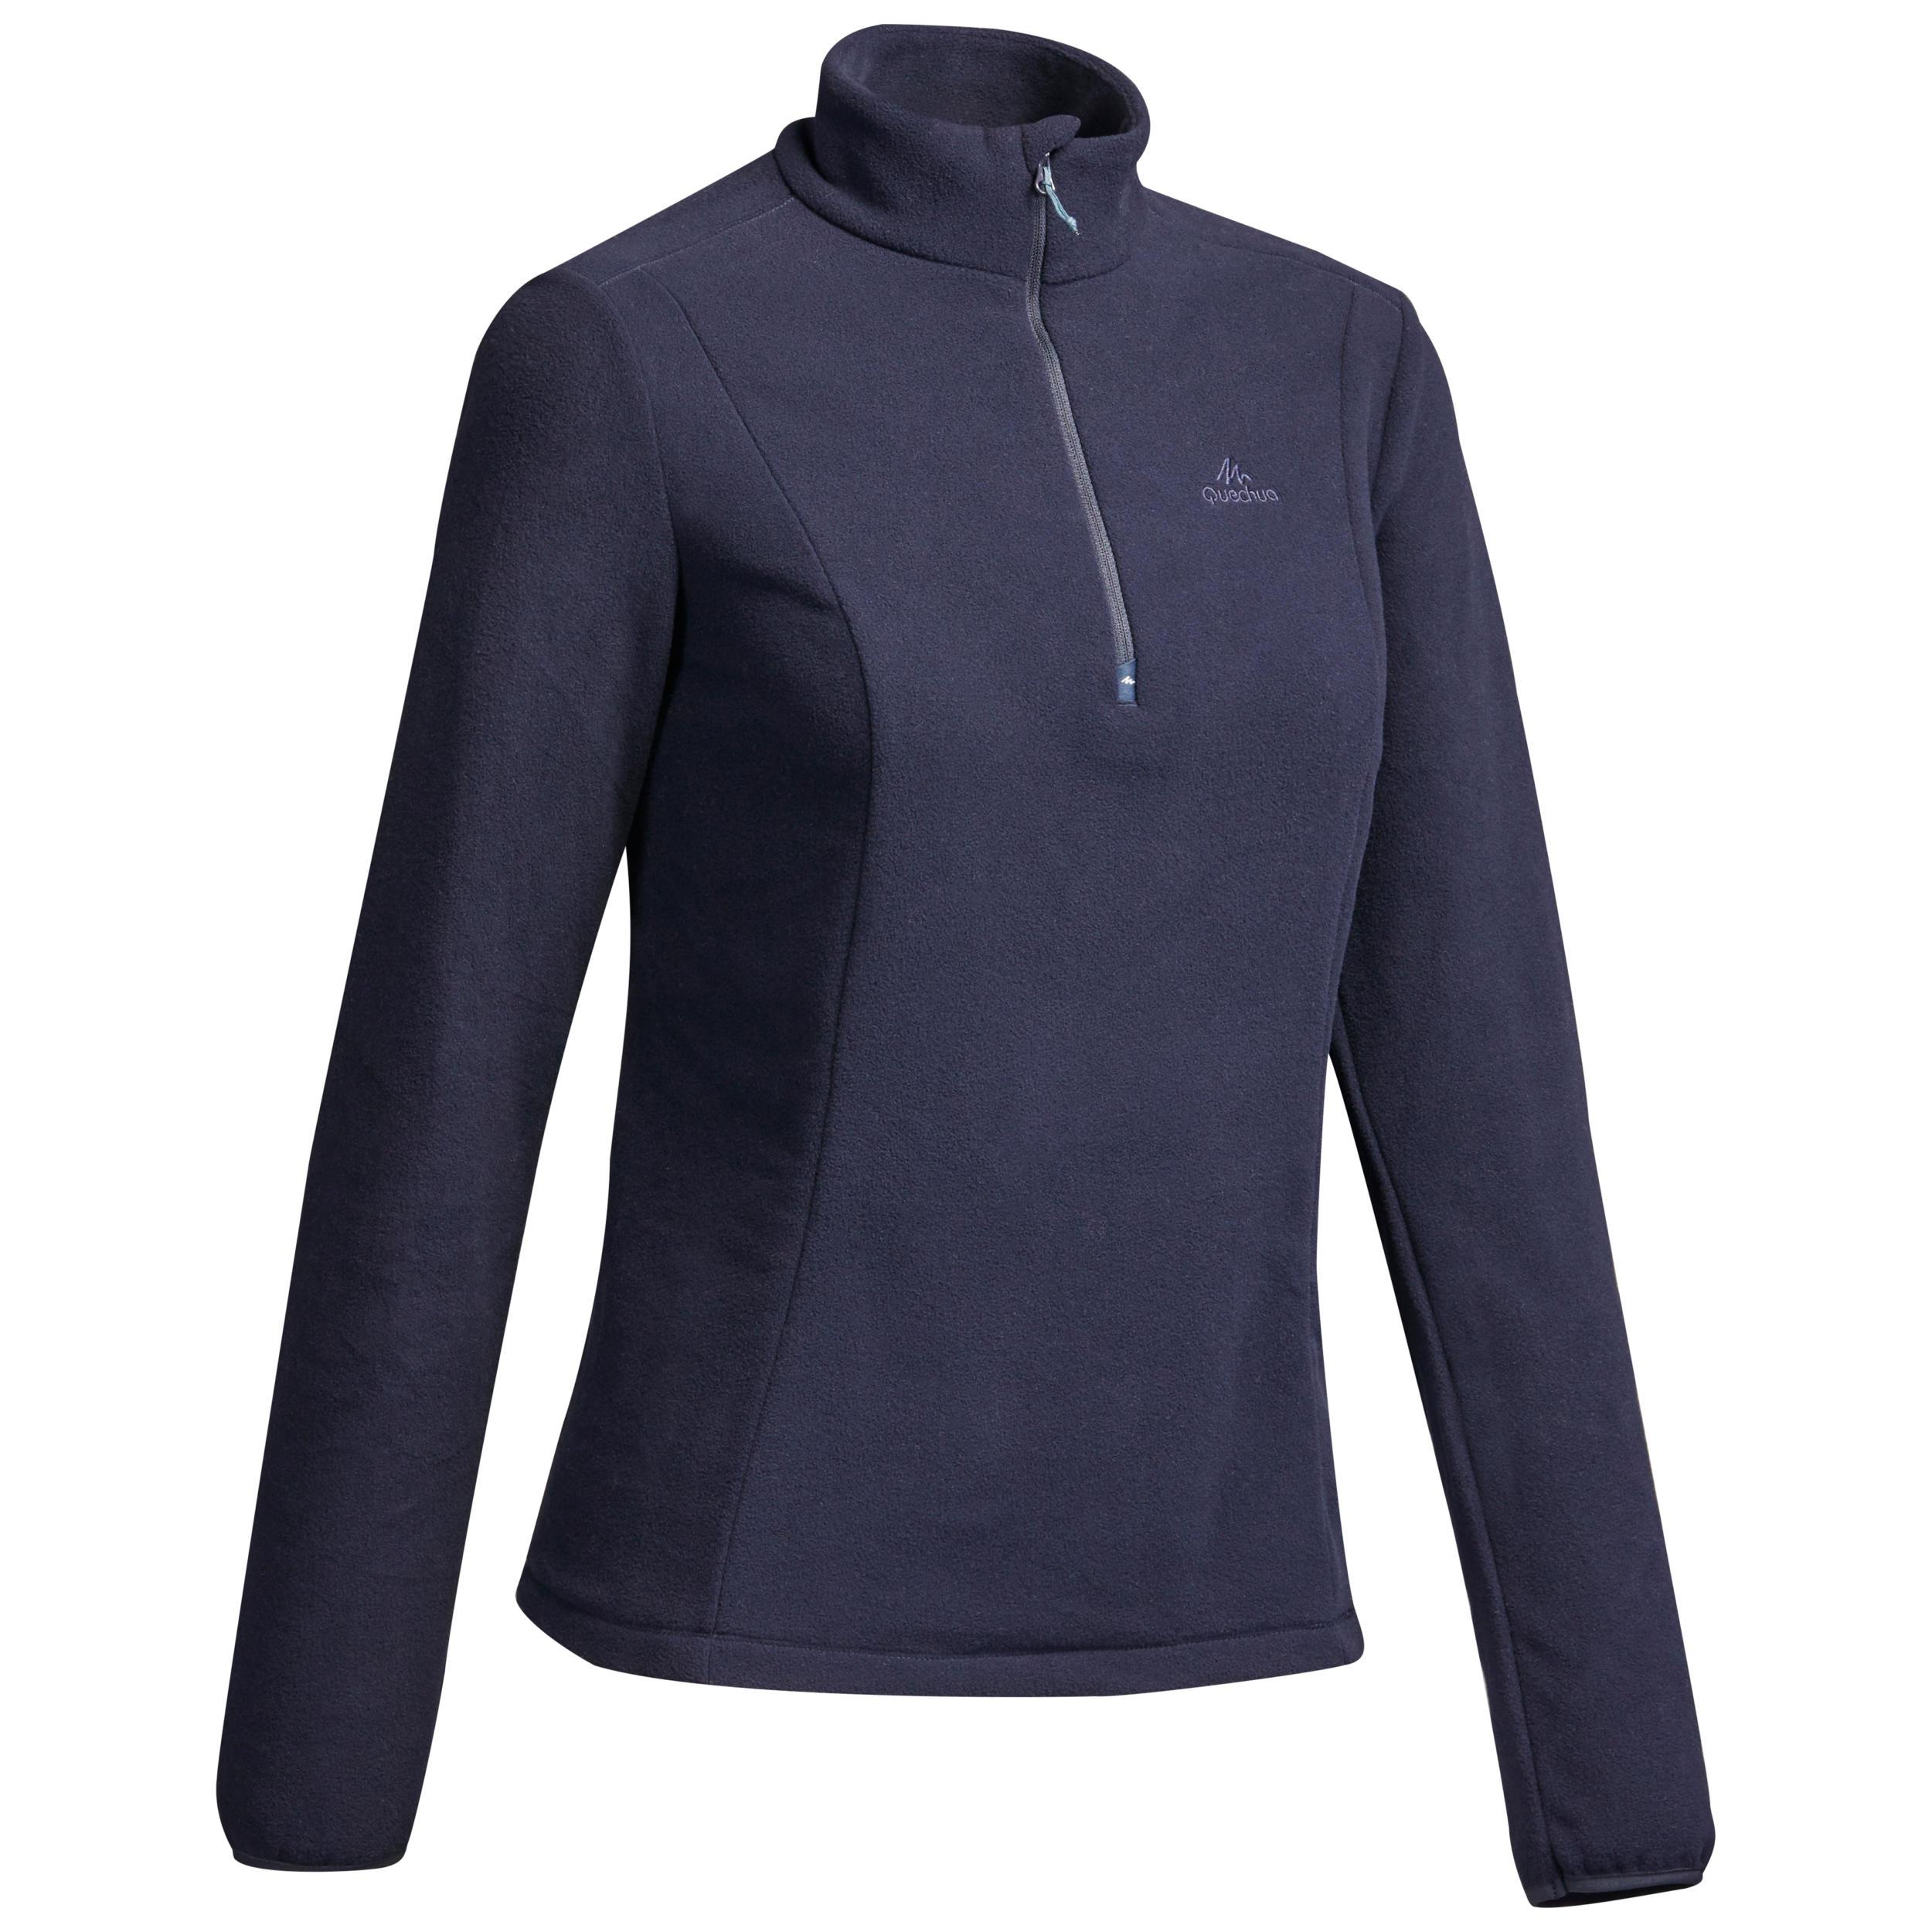 Fleecepullover Bergwandern MH100 Damen | Sportbekleidung > Fleecepullover | Quechua